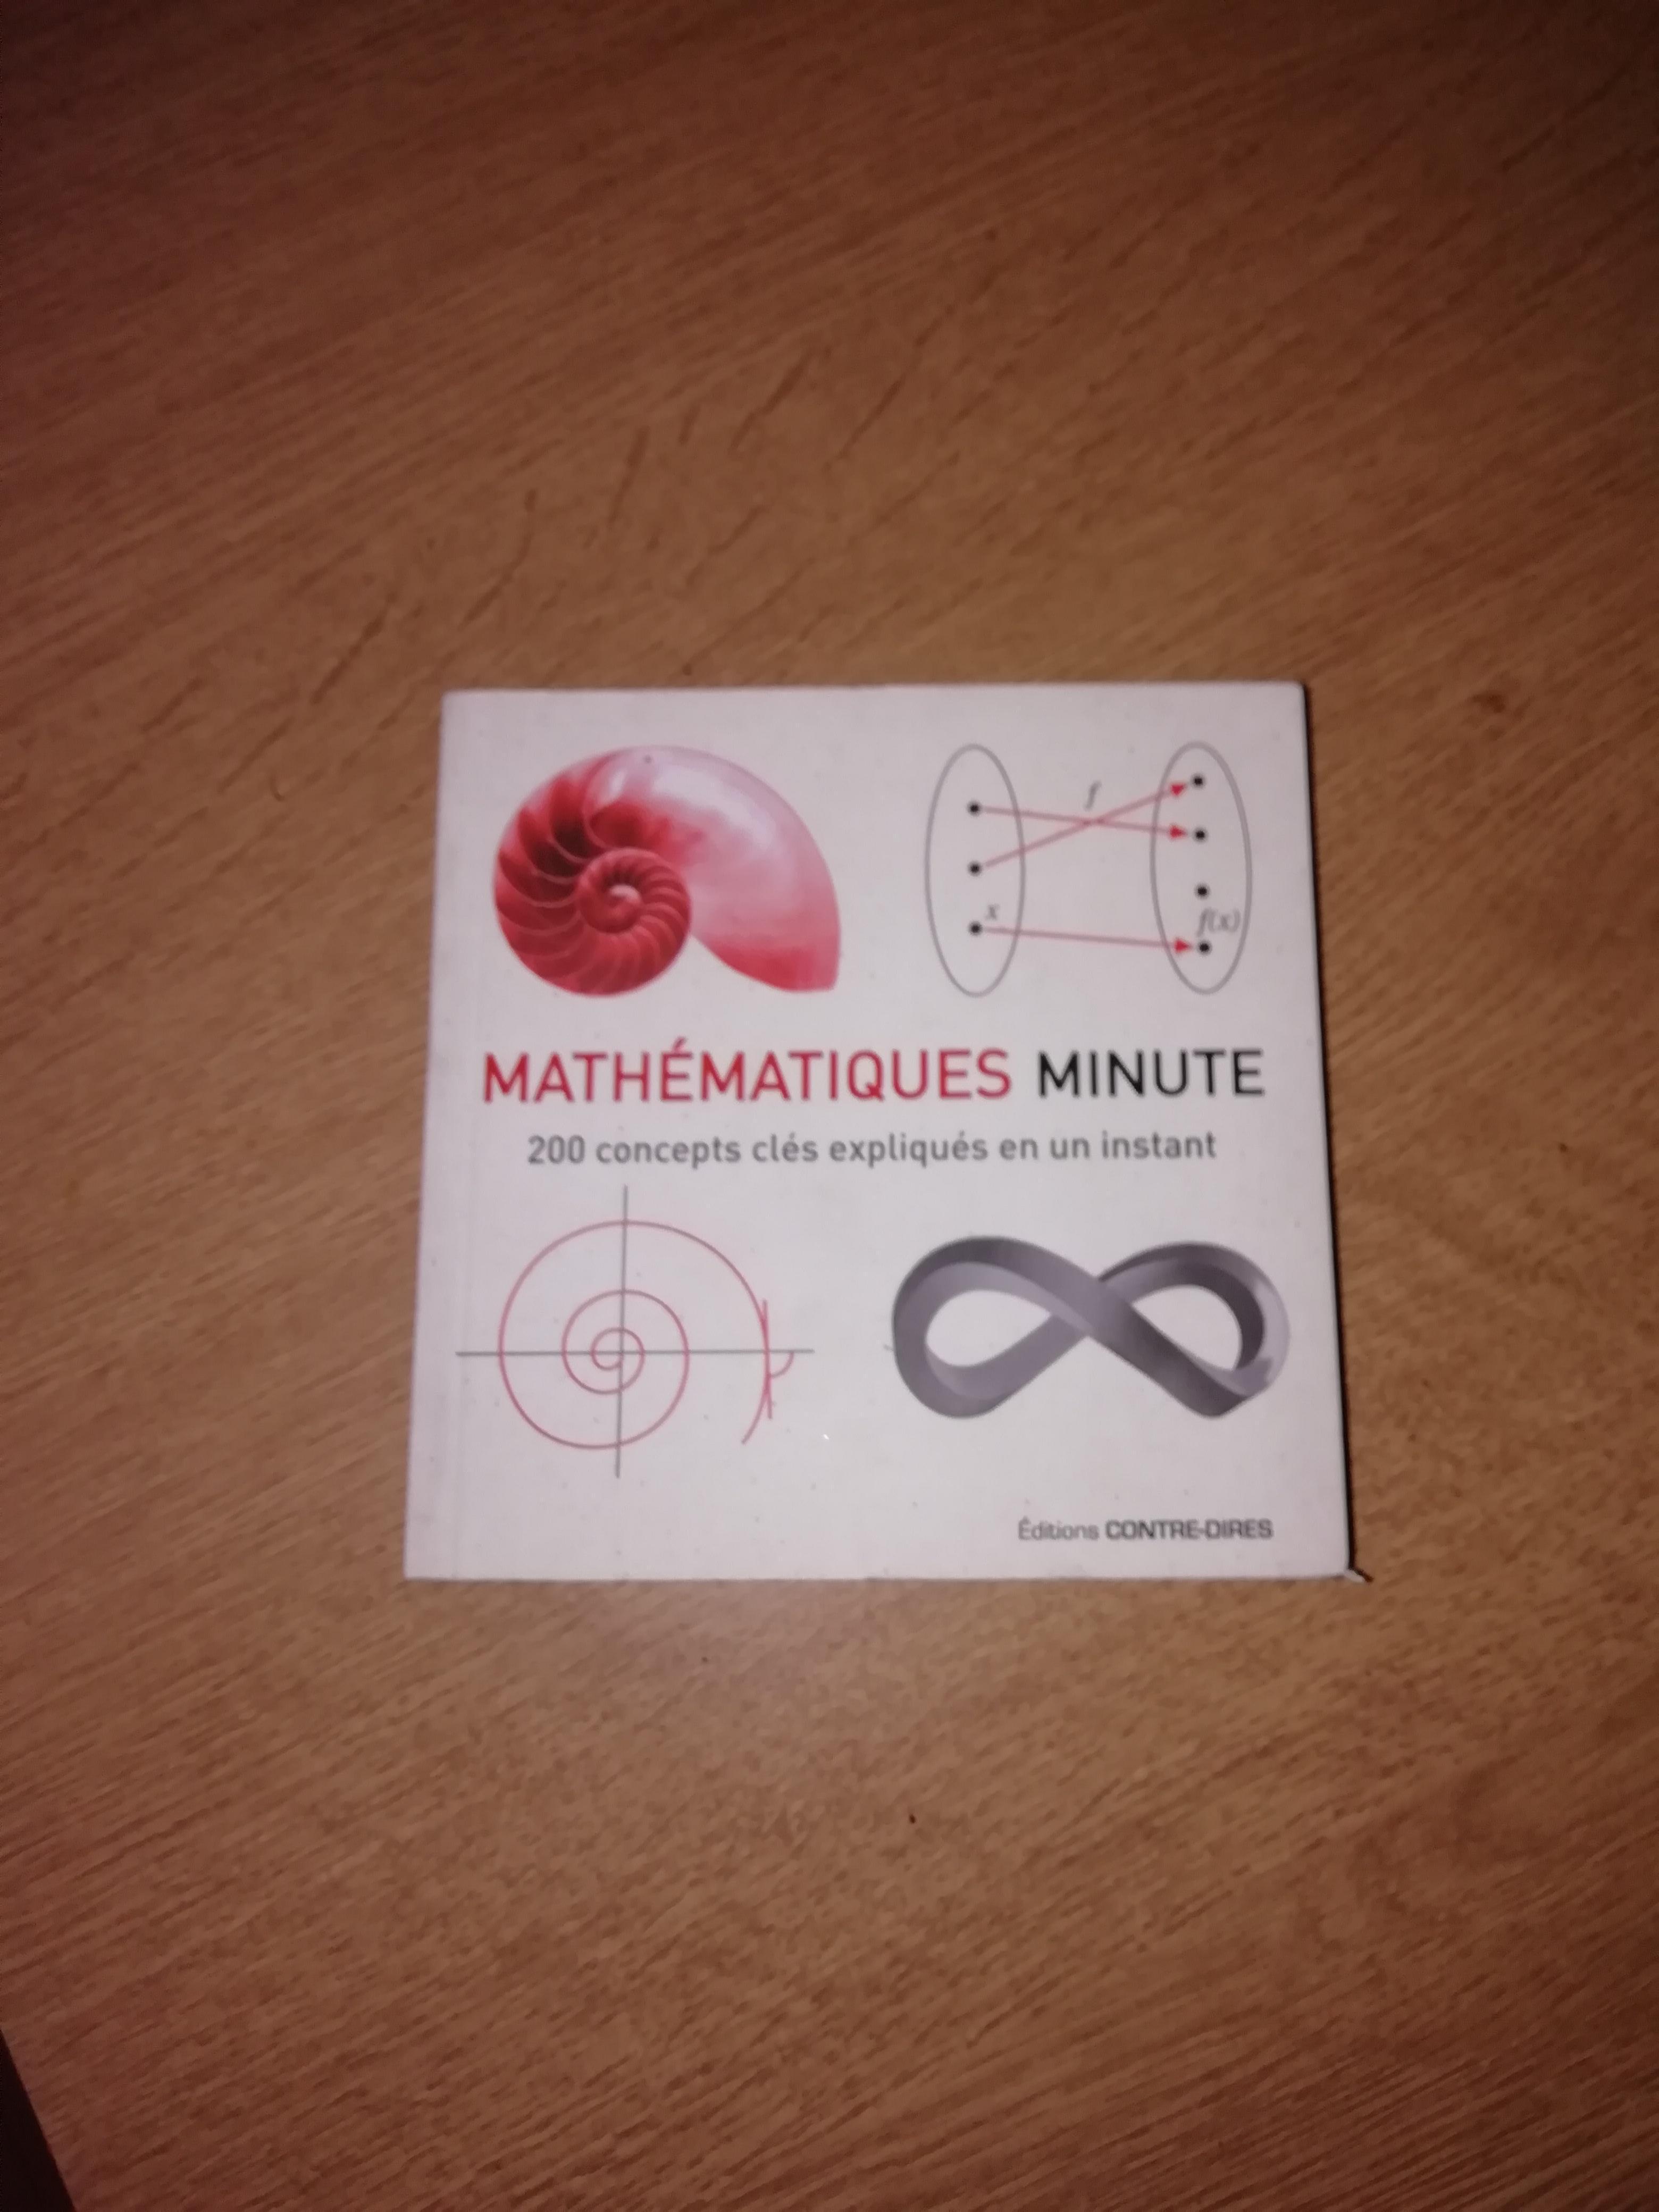 troc de troc mathématiques minute image 0